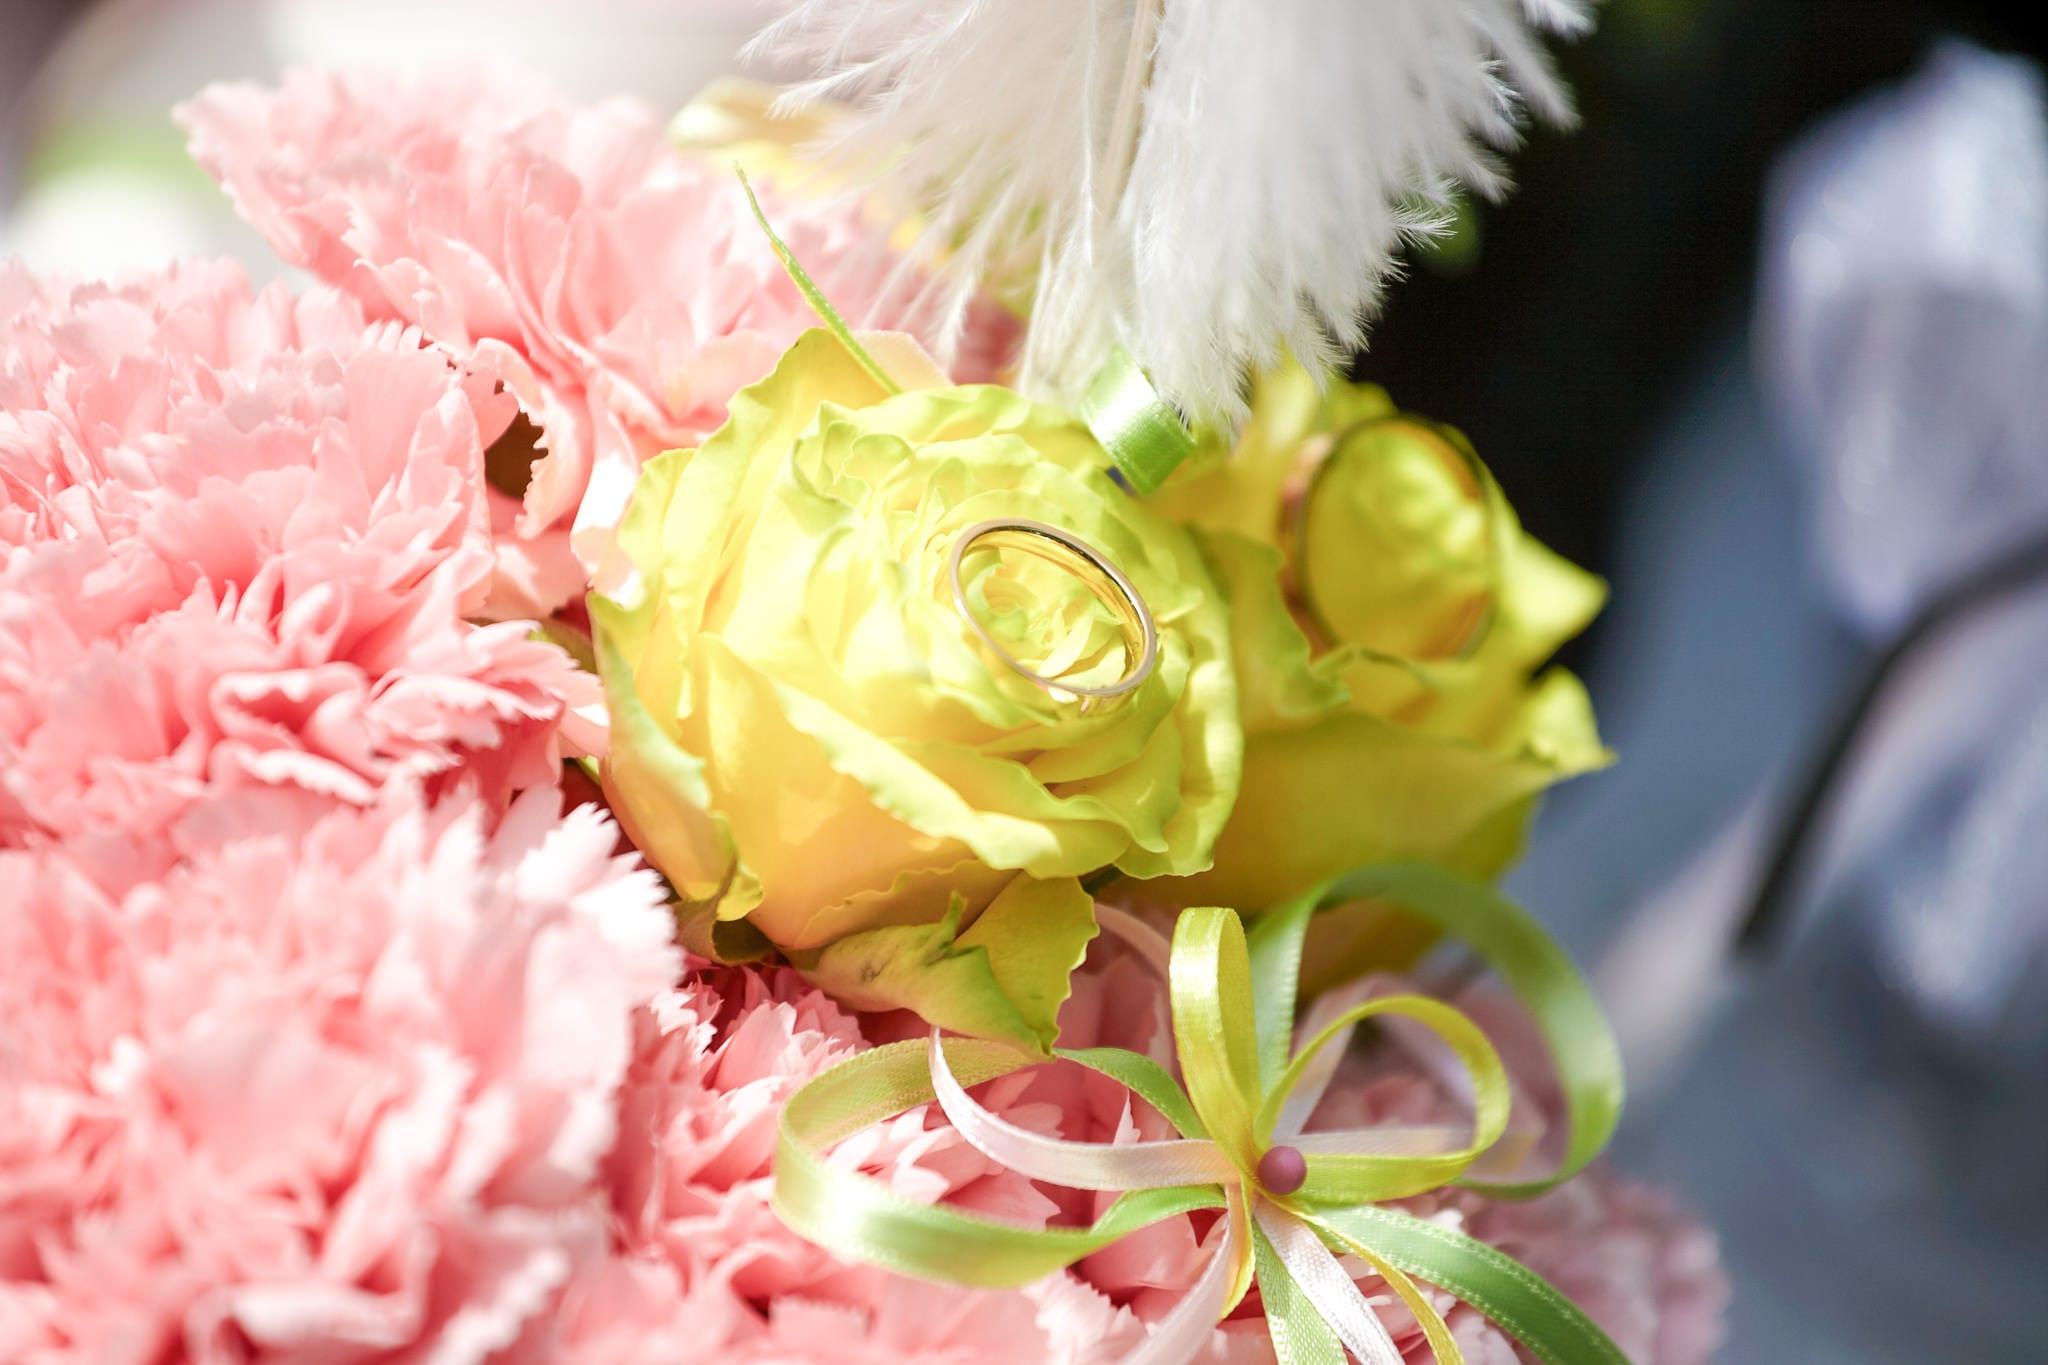 възглавничка за сватбени халки, сватбени пръстени,декорация на сватбена агенция Приказен ден, сватбен агент Мариела Уилсън